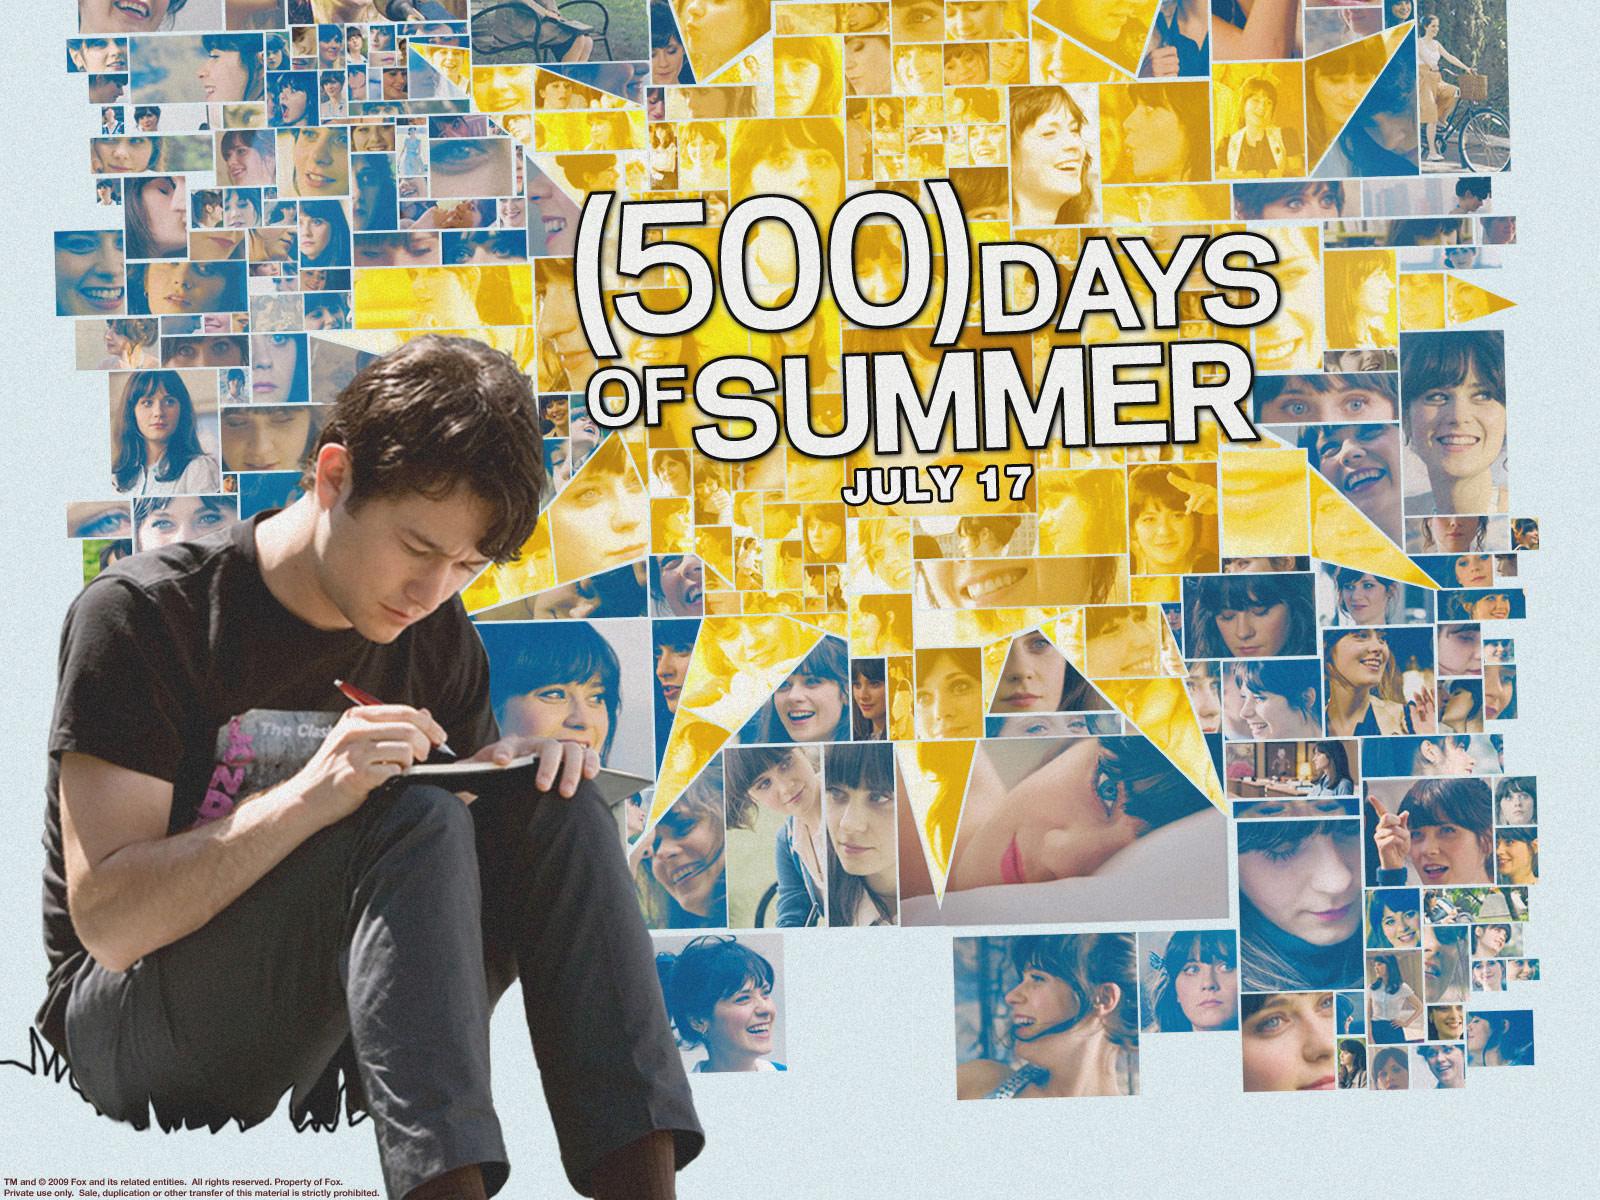 http://1.bp.blogspot.com/-gr6F1PETWig/TcdZssfnG0I/AAAAAAAAAQ0/HPOPtR_8PdE/s1600/500+Days+Of+Summer_12128.jpg